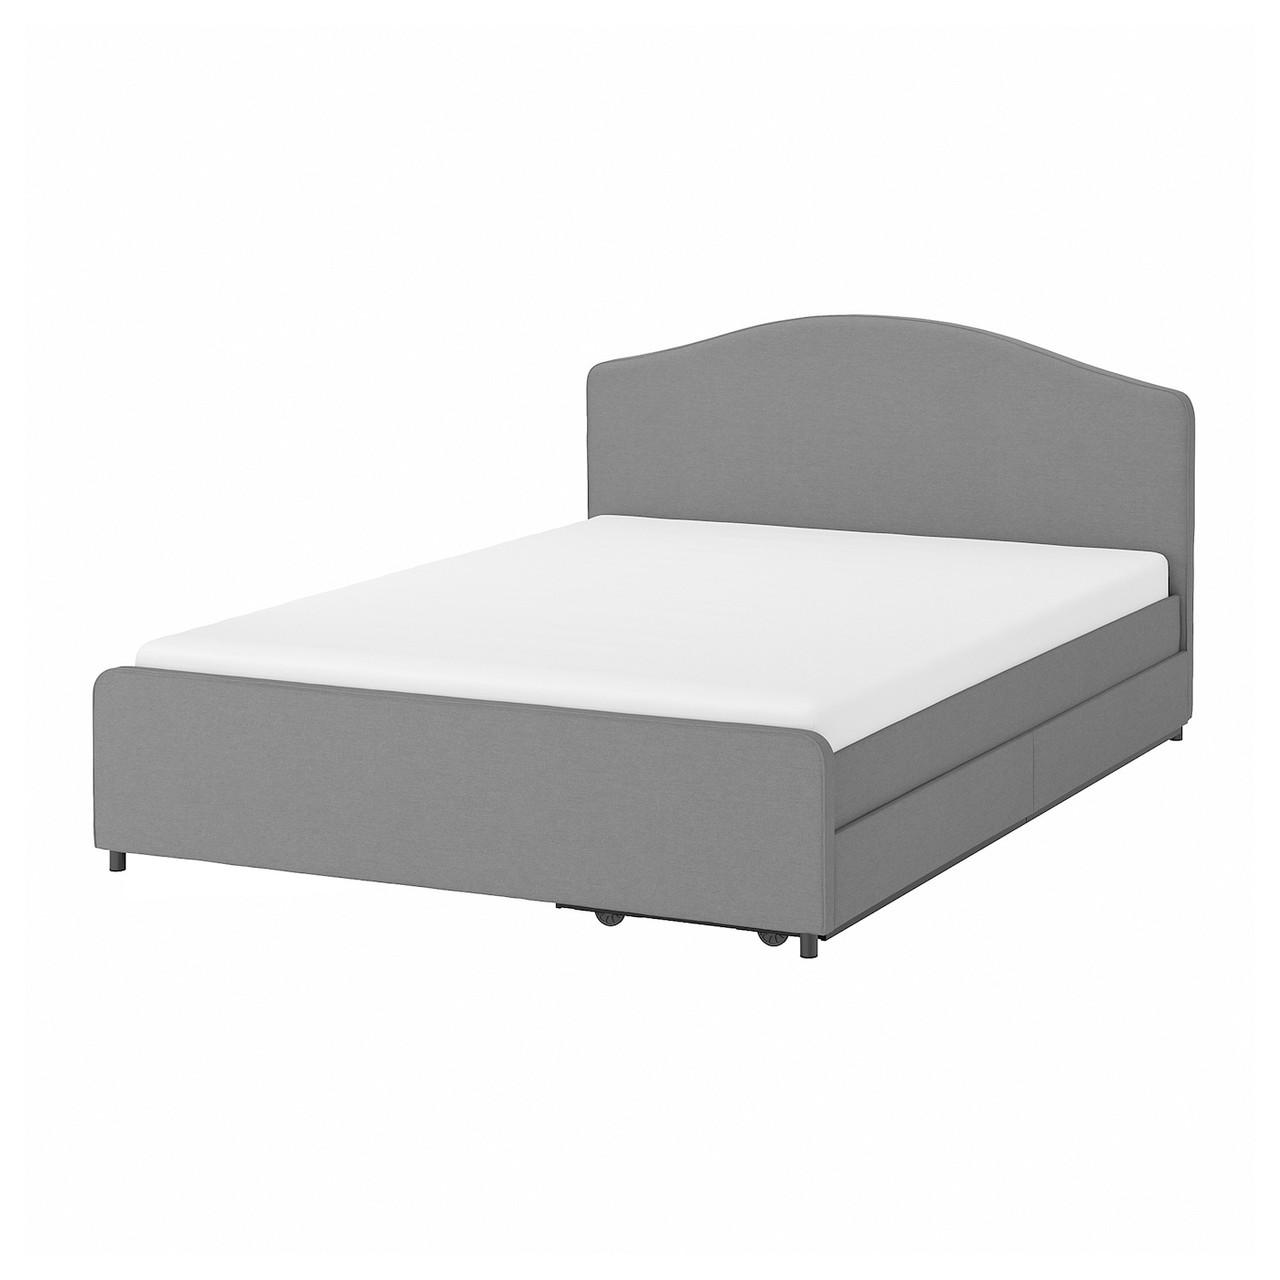 IKEA HAUGA Кровать мягкая, 2 а / м на пускай, Vissle  160x200 см